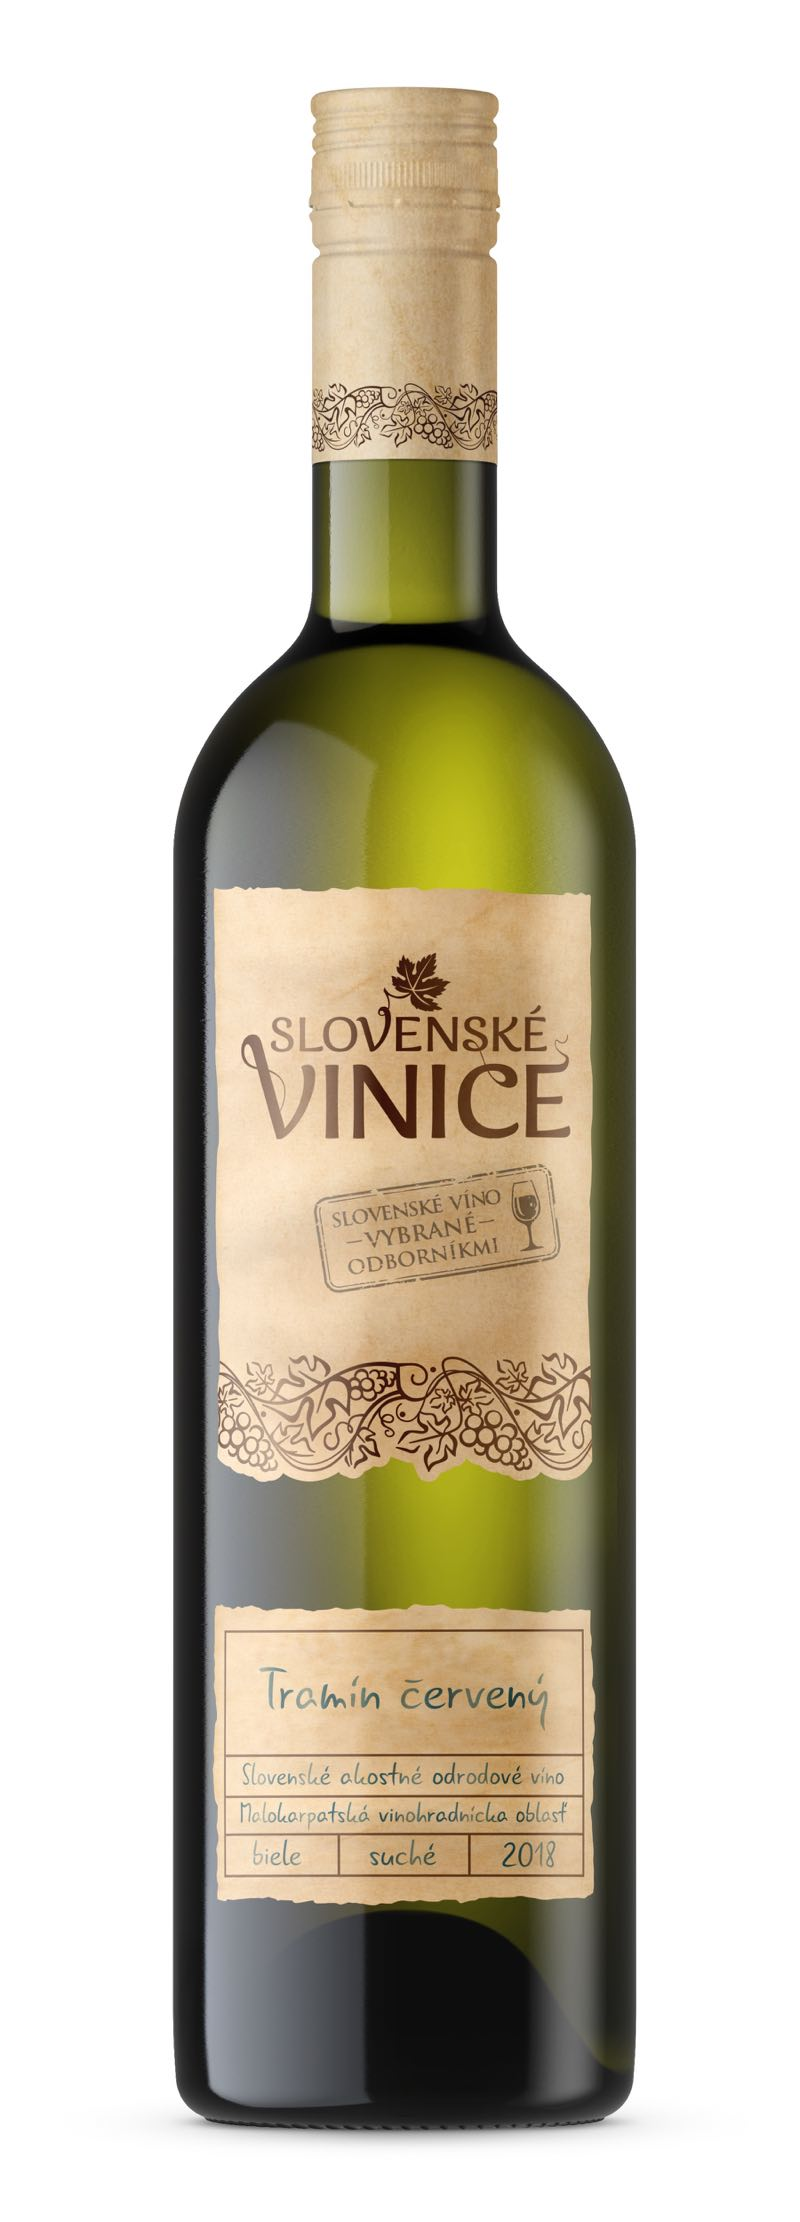 Slovenské Vinice Tramín červený 2018 0,75 l